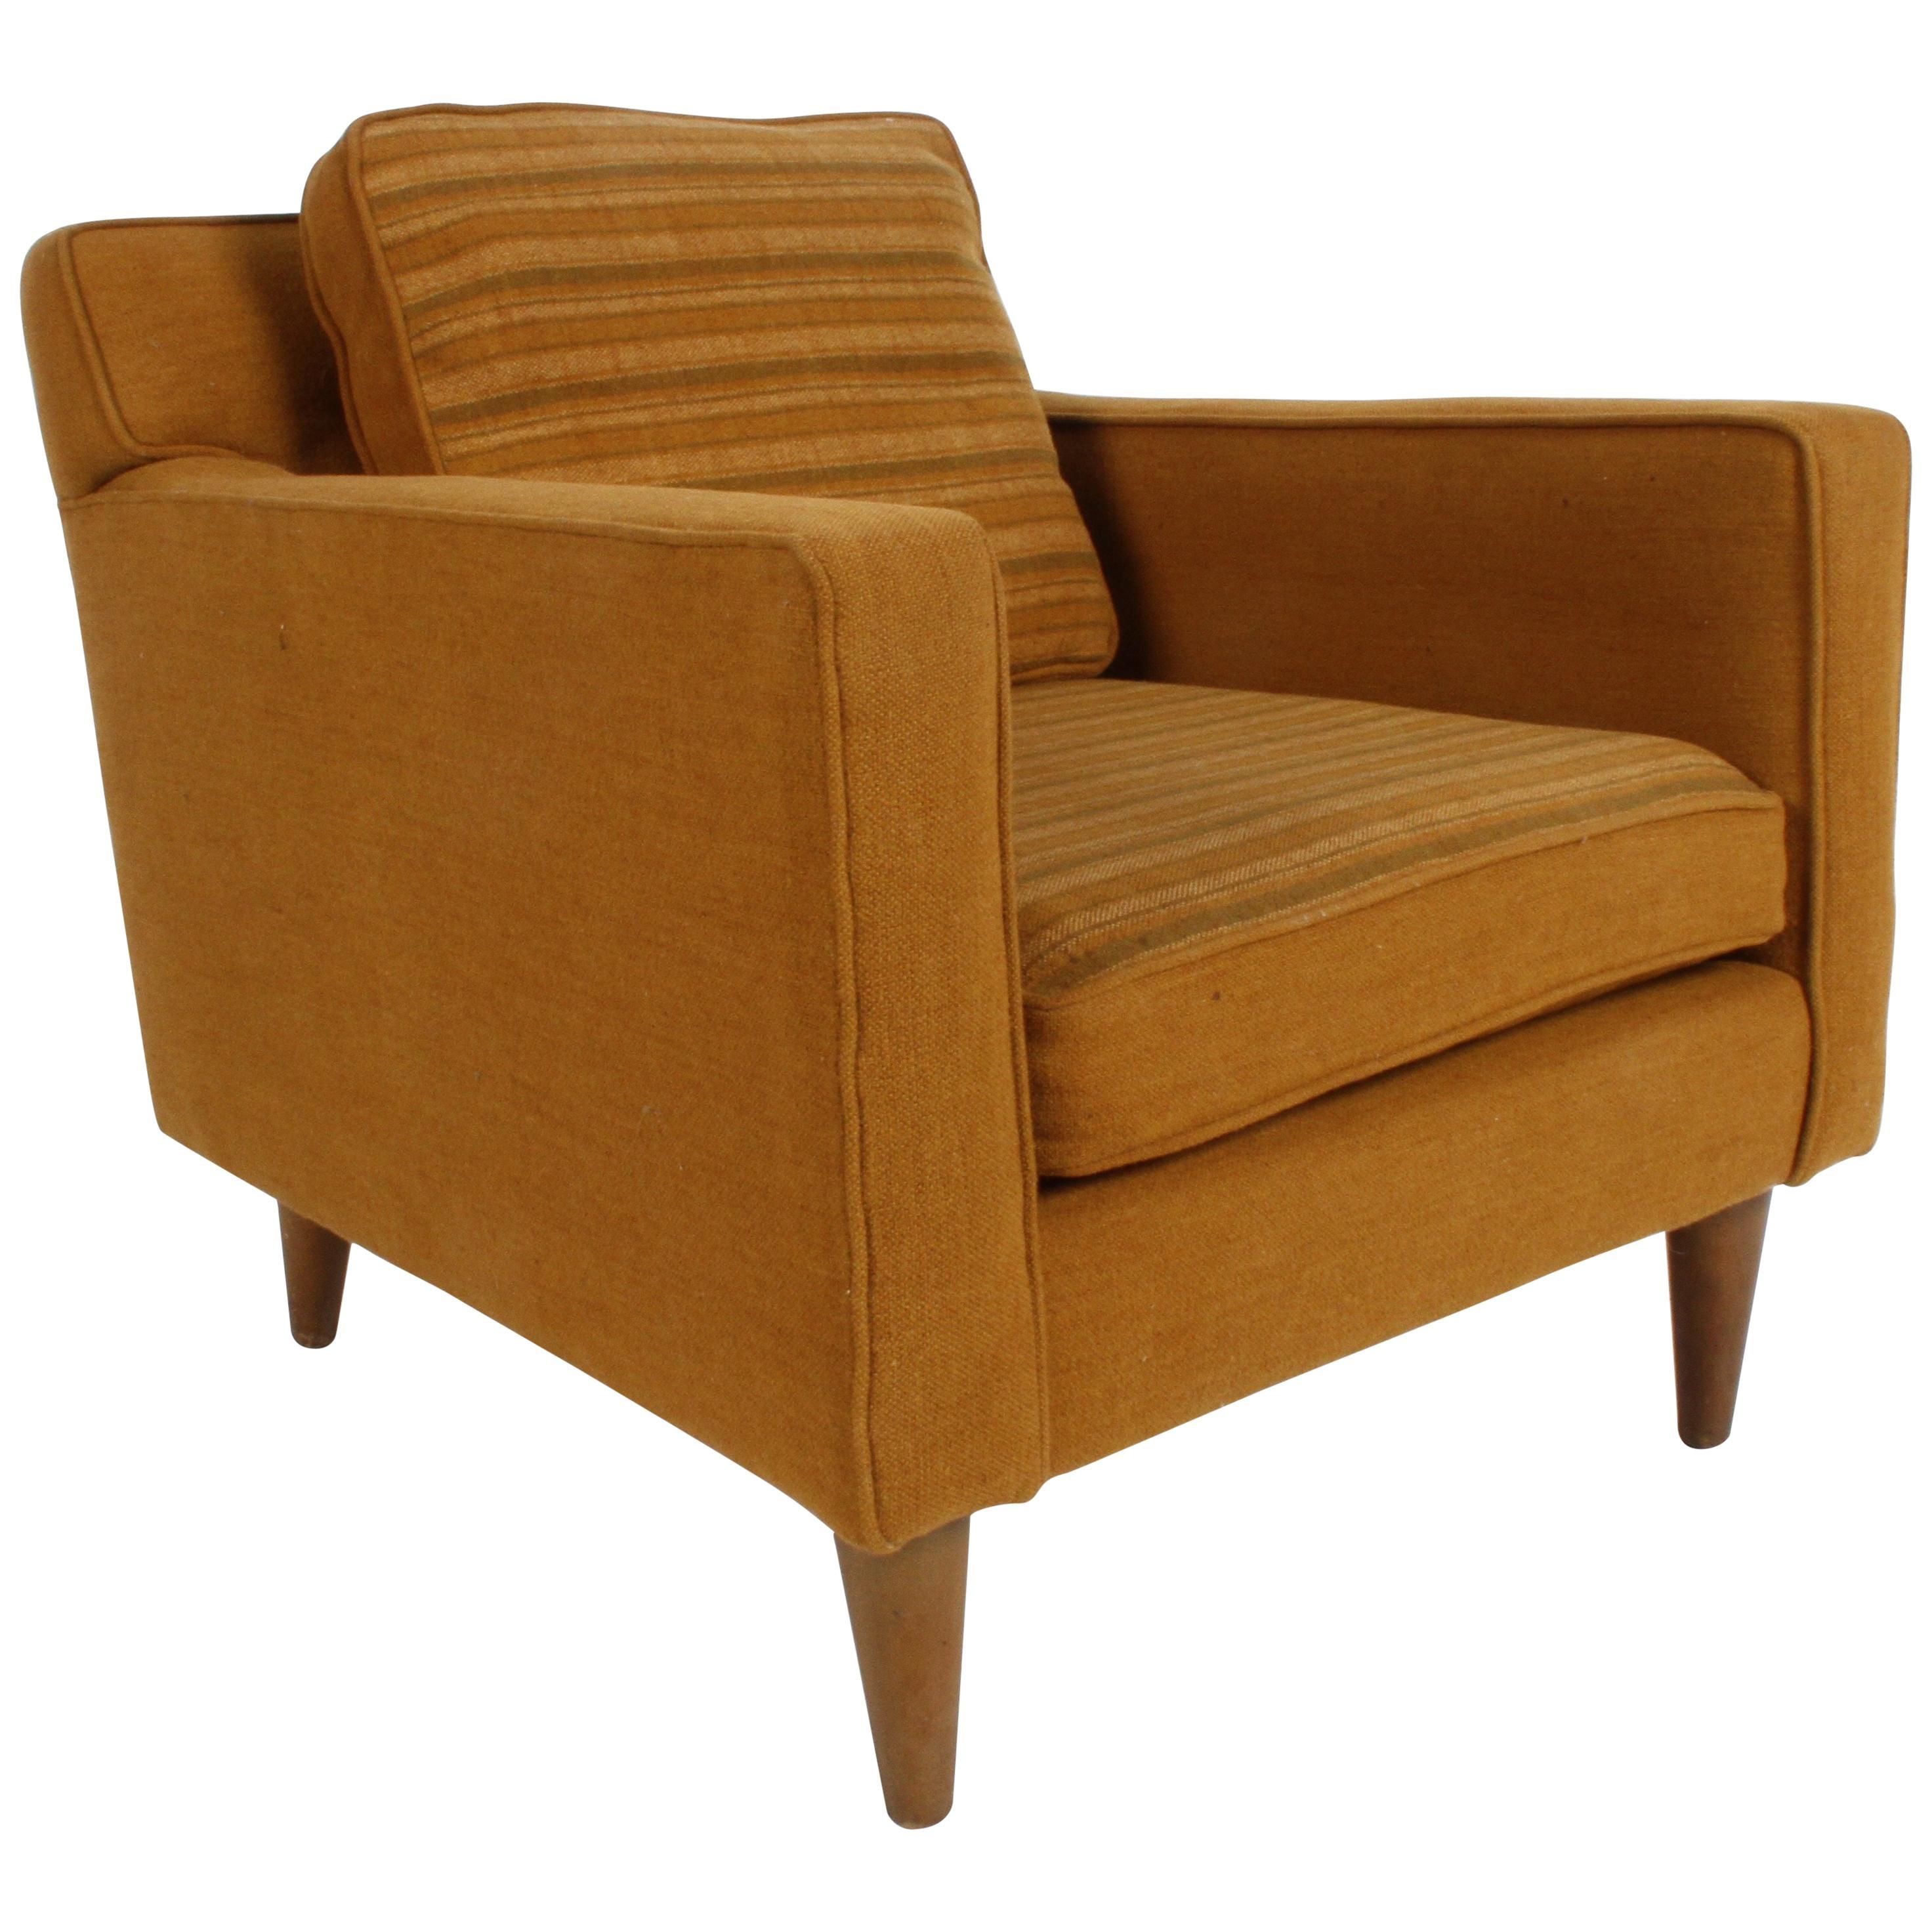 Edward J. Wormley for Dunbar Club Chair